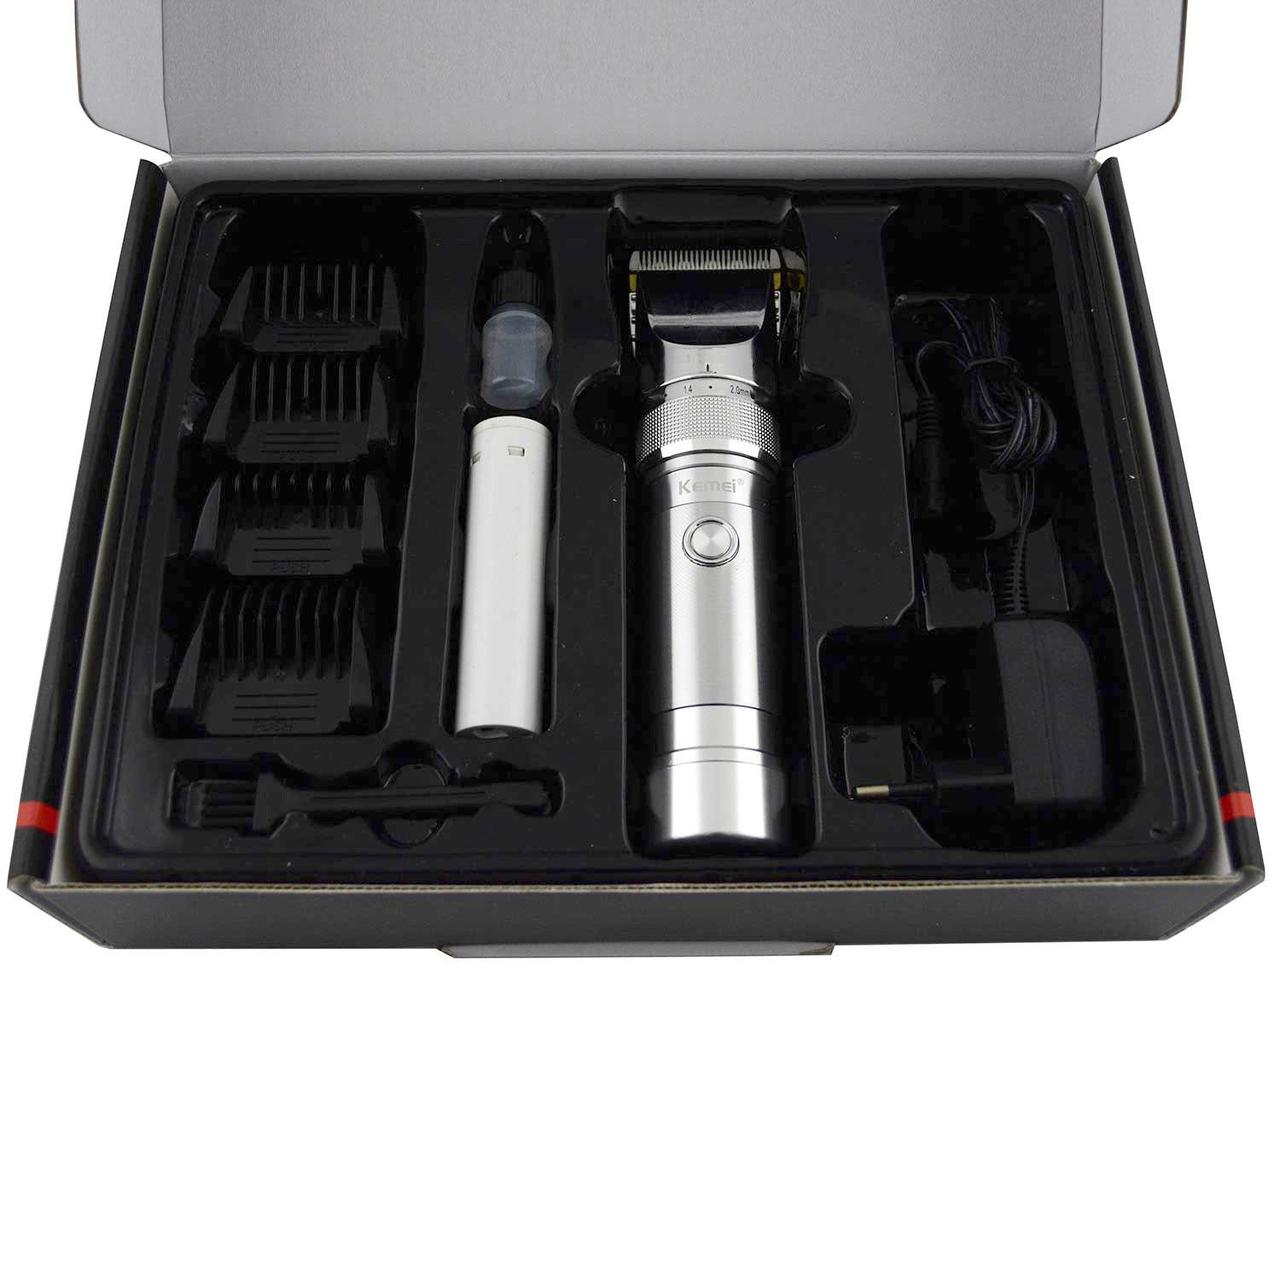 Машинка для стрижки бороды или волос Gemei GM-730 триммер для волос с утонченным дизайном